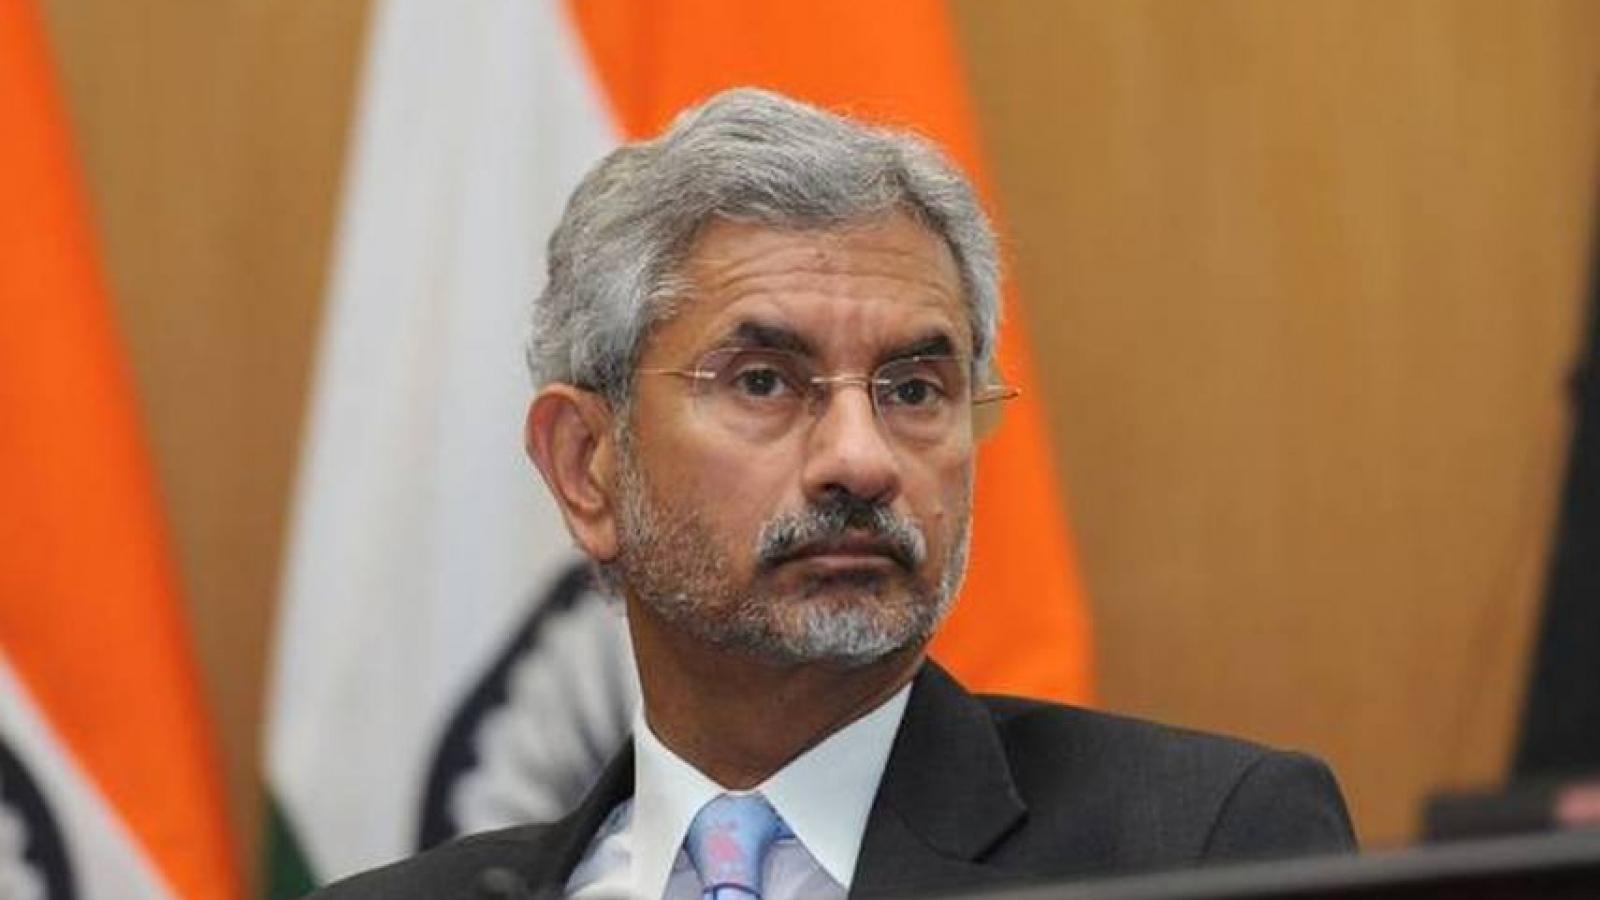 Ấn Độ cung cấp 50 triệu USD giúp Maldives nâng cấp năng lực tuần tra hàng hải